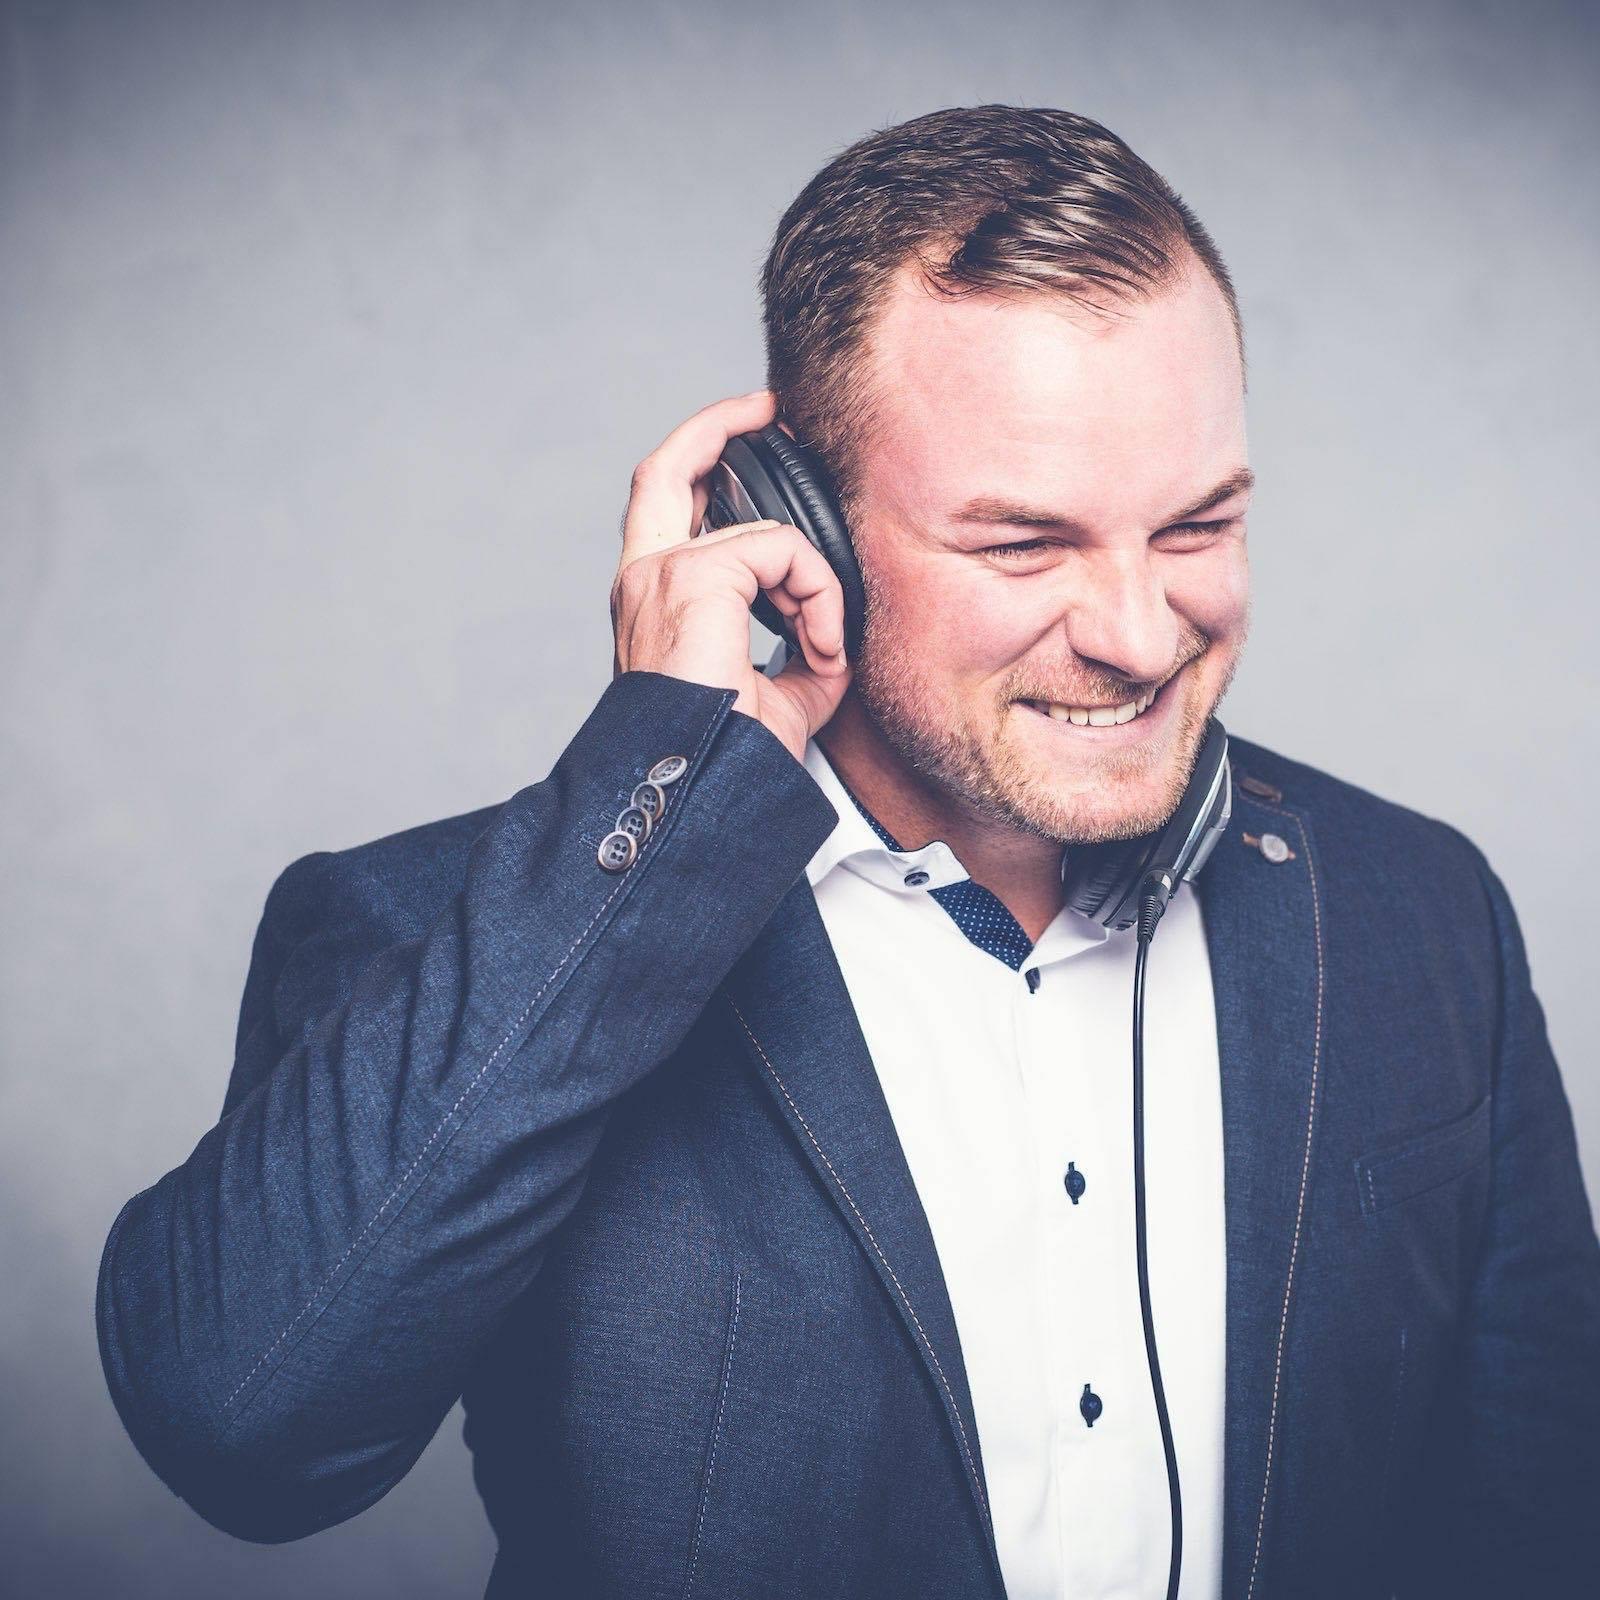 Hochzeits | DJ | Buchen | Hamburg | Discjockey | Nils | Messe | DJ | Event | DJ | Geburtstag | DJ | Mieten | Anfragen | DJ | Agentur | Hamburgfeiert